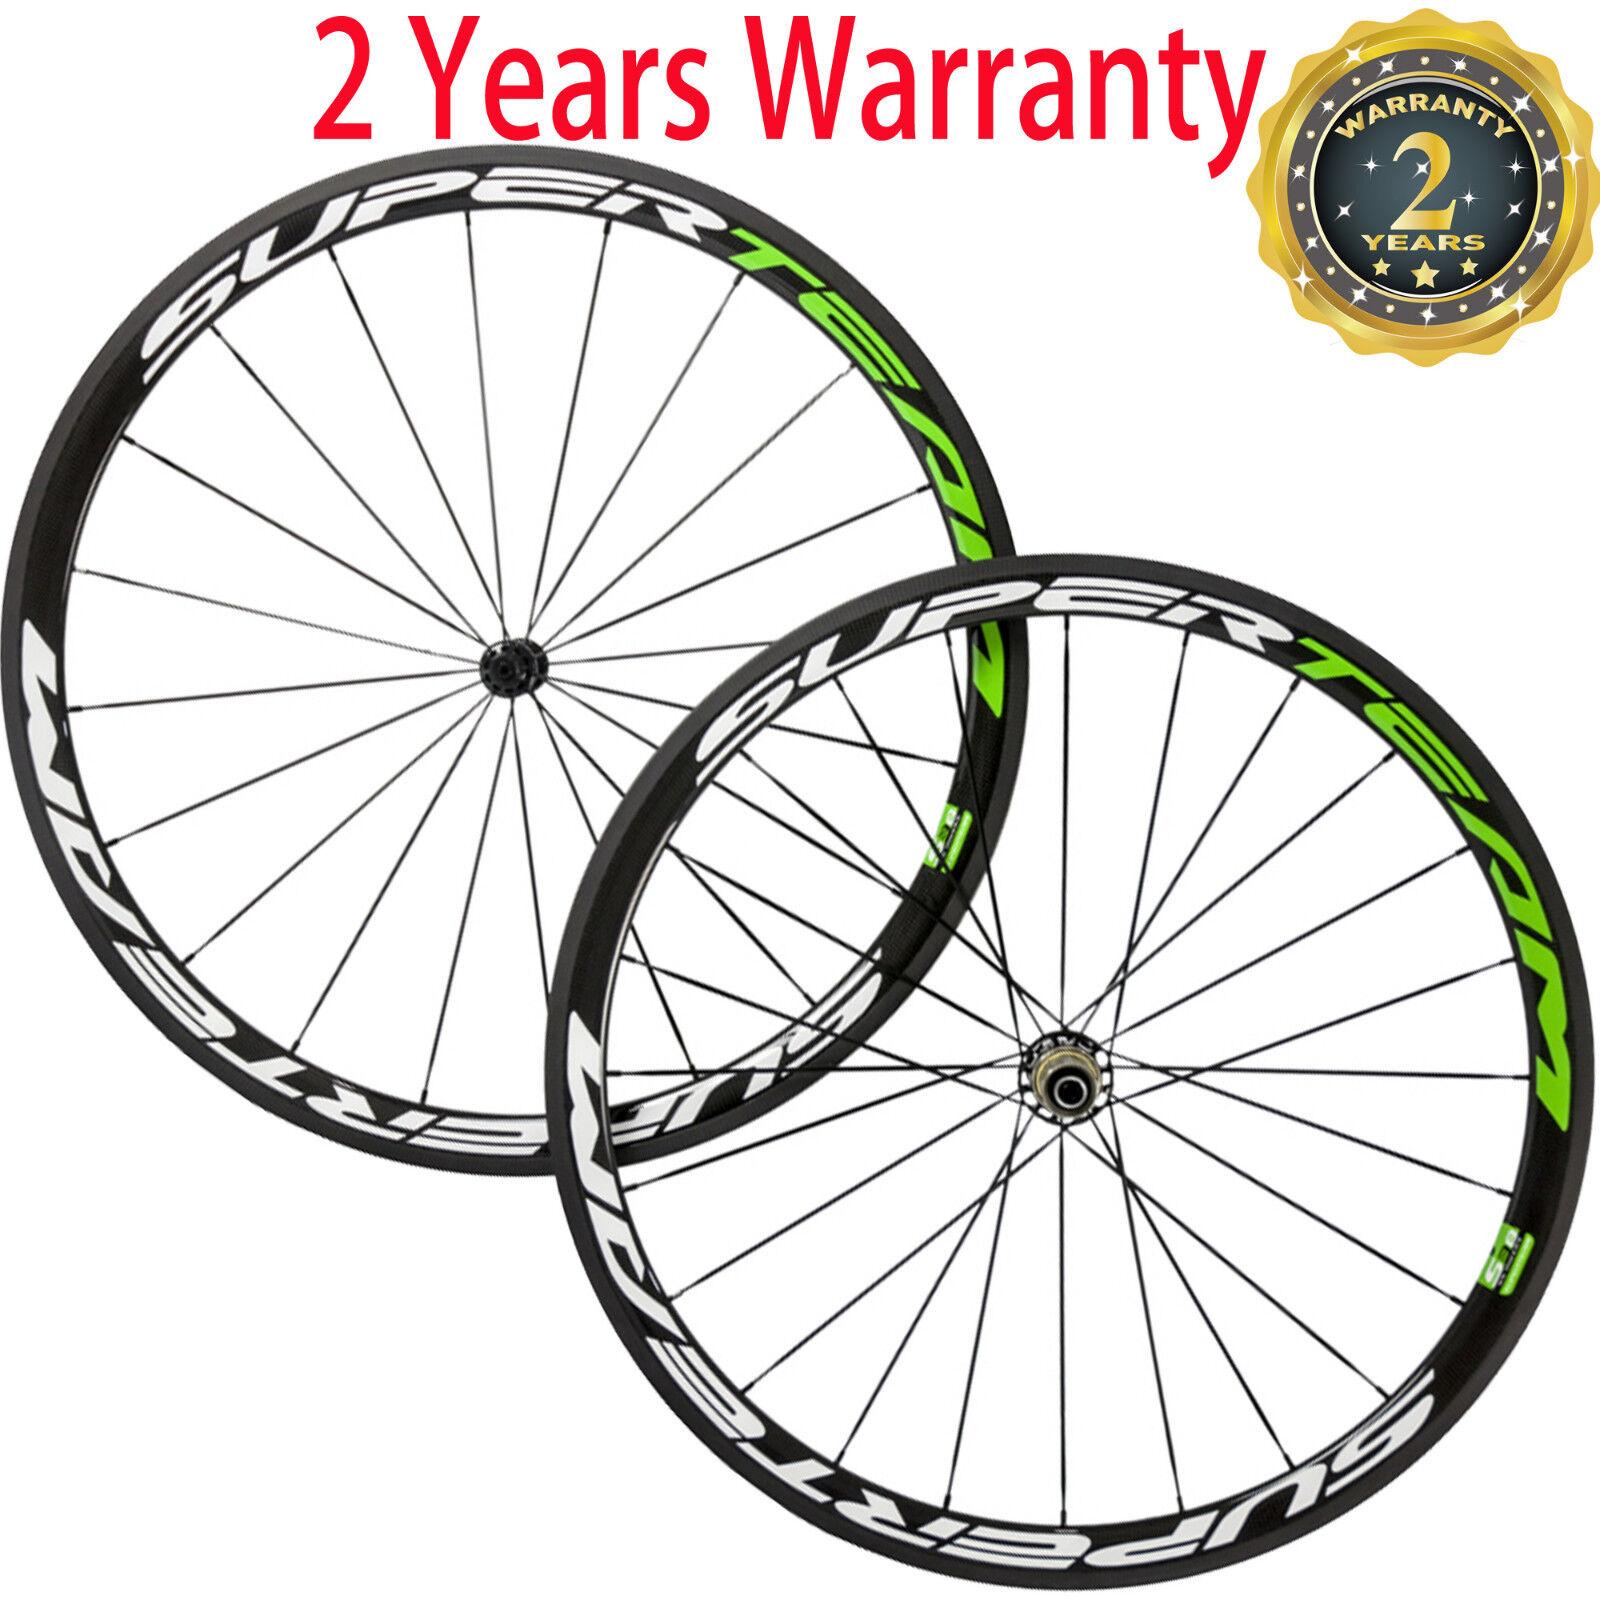 Carbon Wheels 38mm Road Bike  Cycling Race Wheelset Powerway R39 Hub 700C Bicycle  sale online save 70%